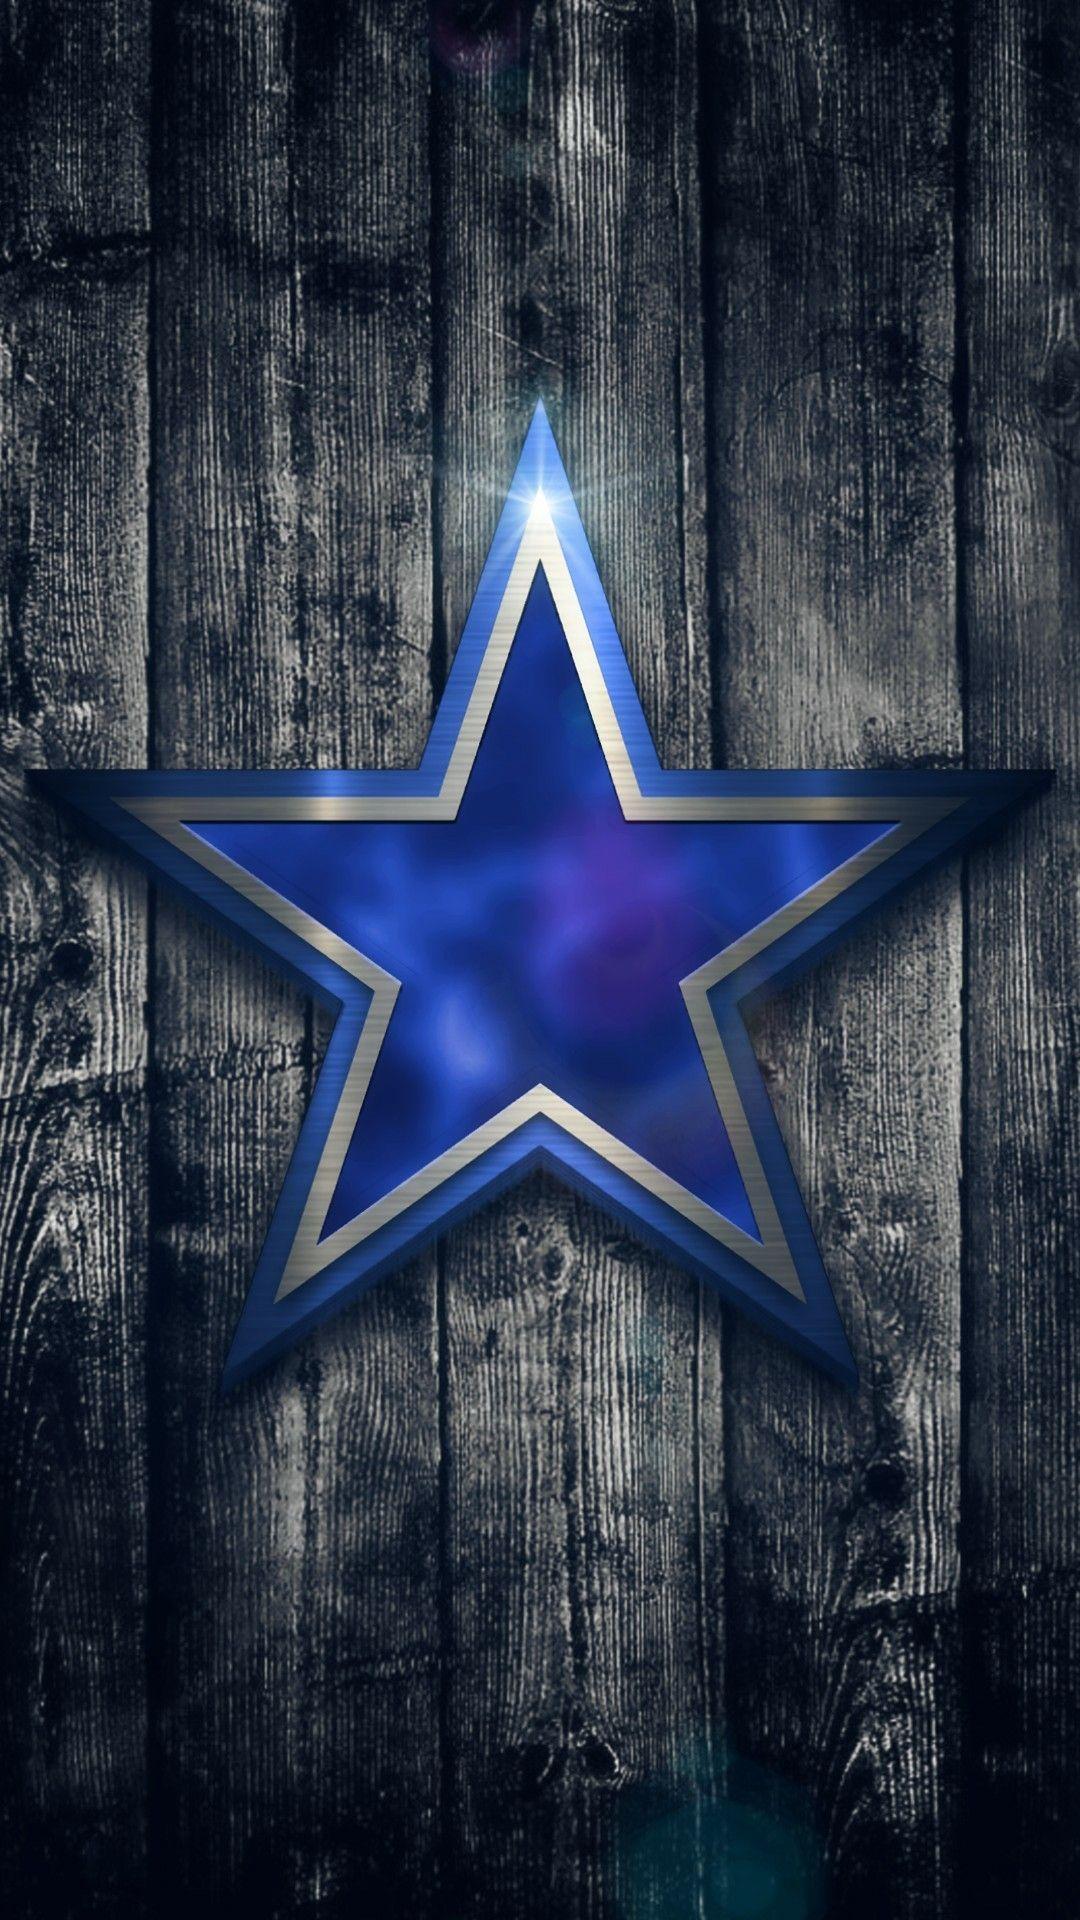 Dallas Cowboys Logo Wallpapers Top Free Dallas Cowboys Logo Backgrounds Wallpaperaccess